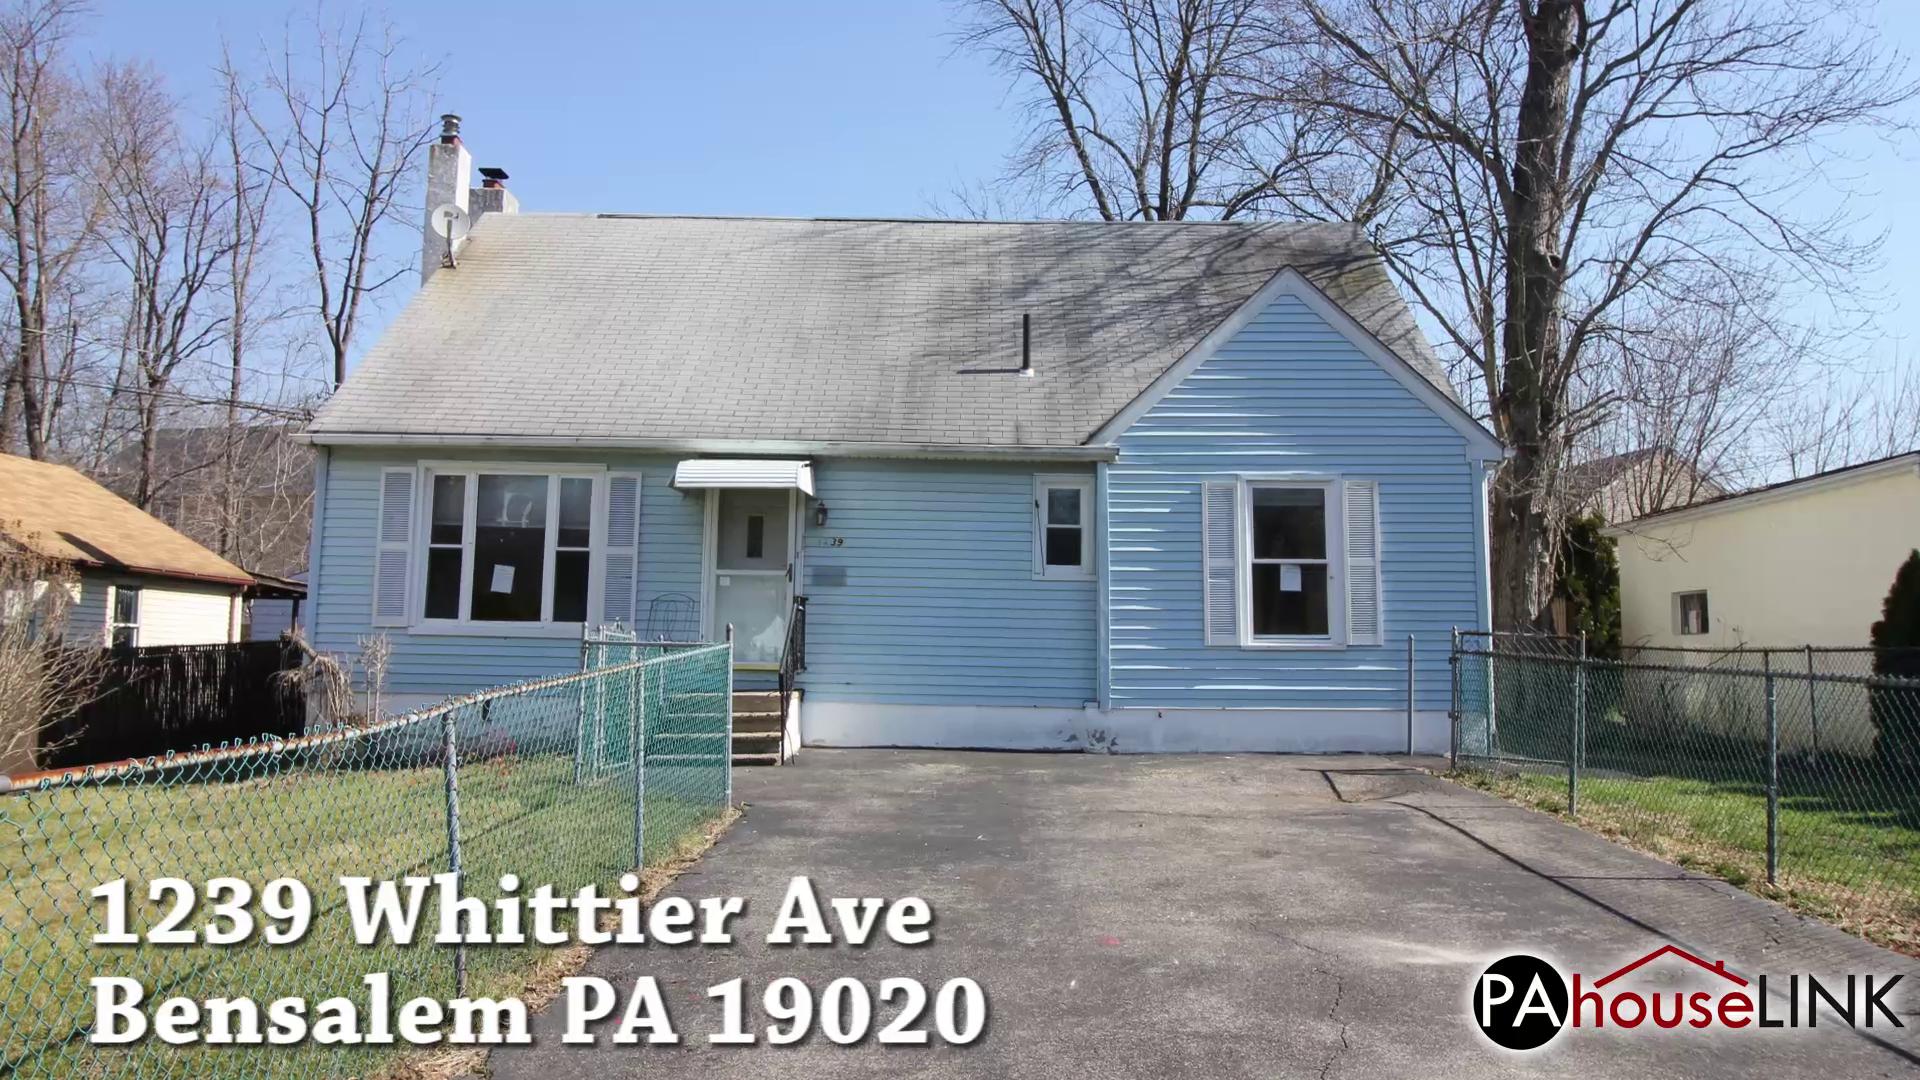 1239 Whittier Ave Bensalem PA 19020 | Foreclosure Properties Bensalem PA 19020